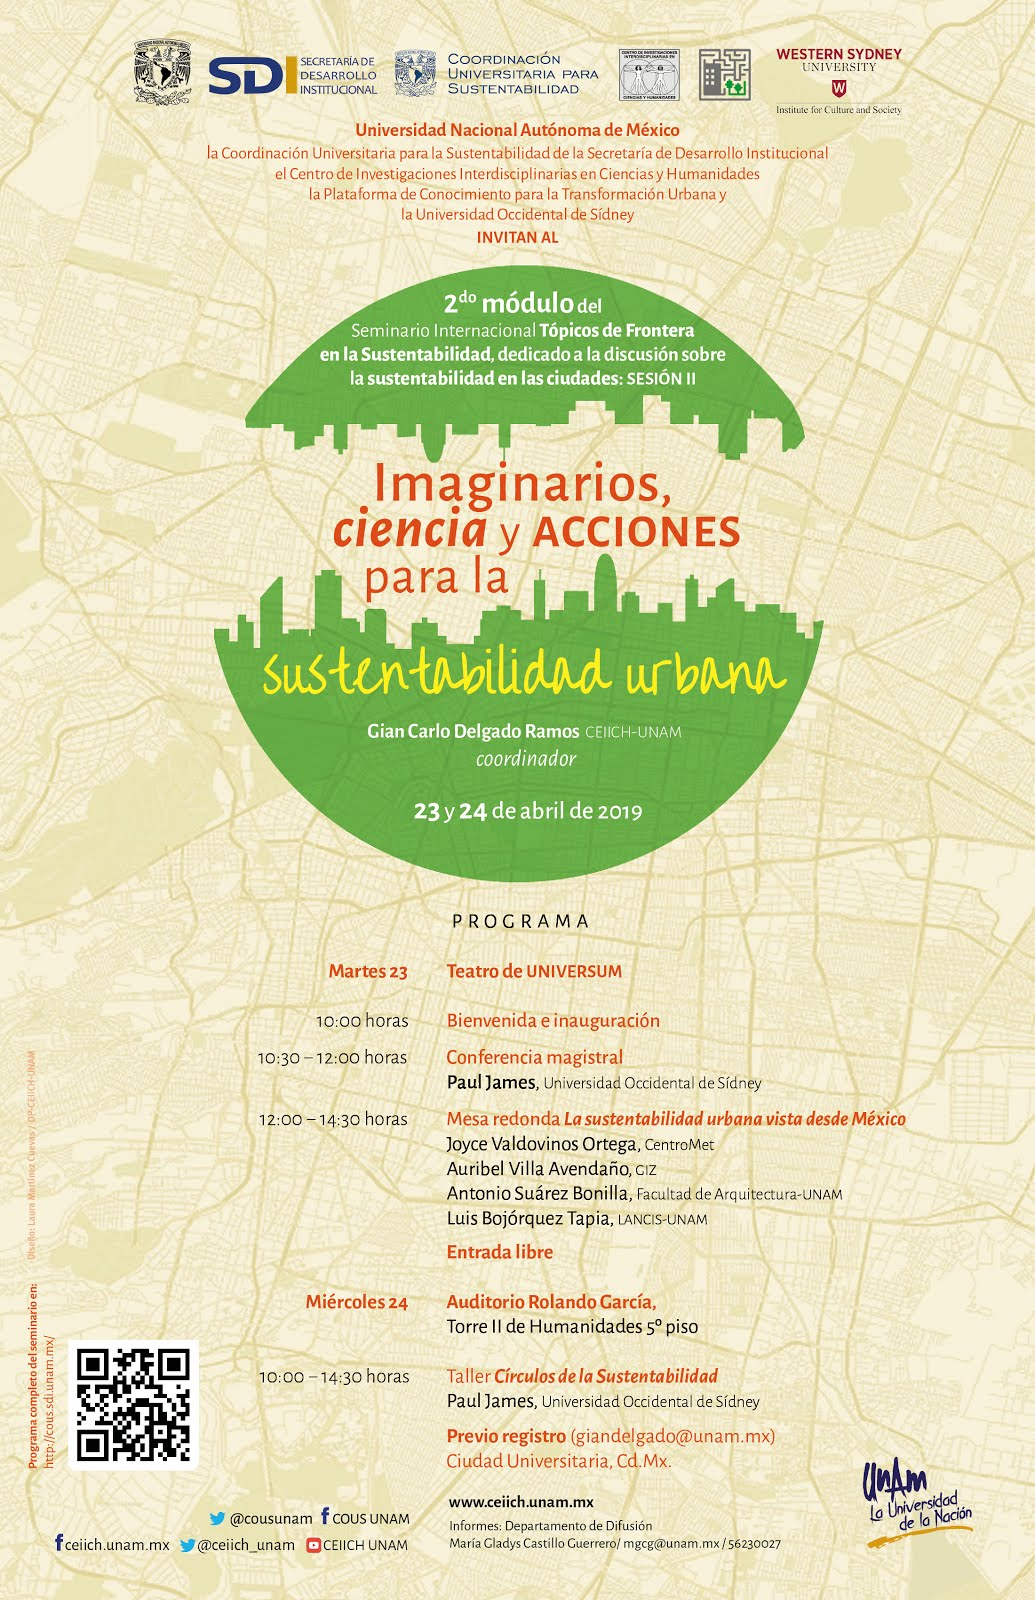 Imaginarios, ciencia y acciones para la sustentabilidad urbana